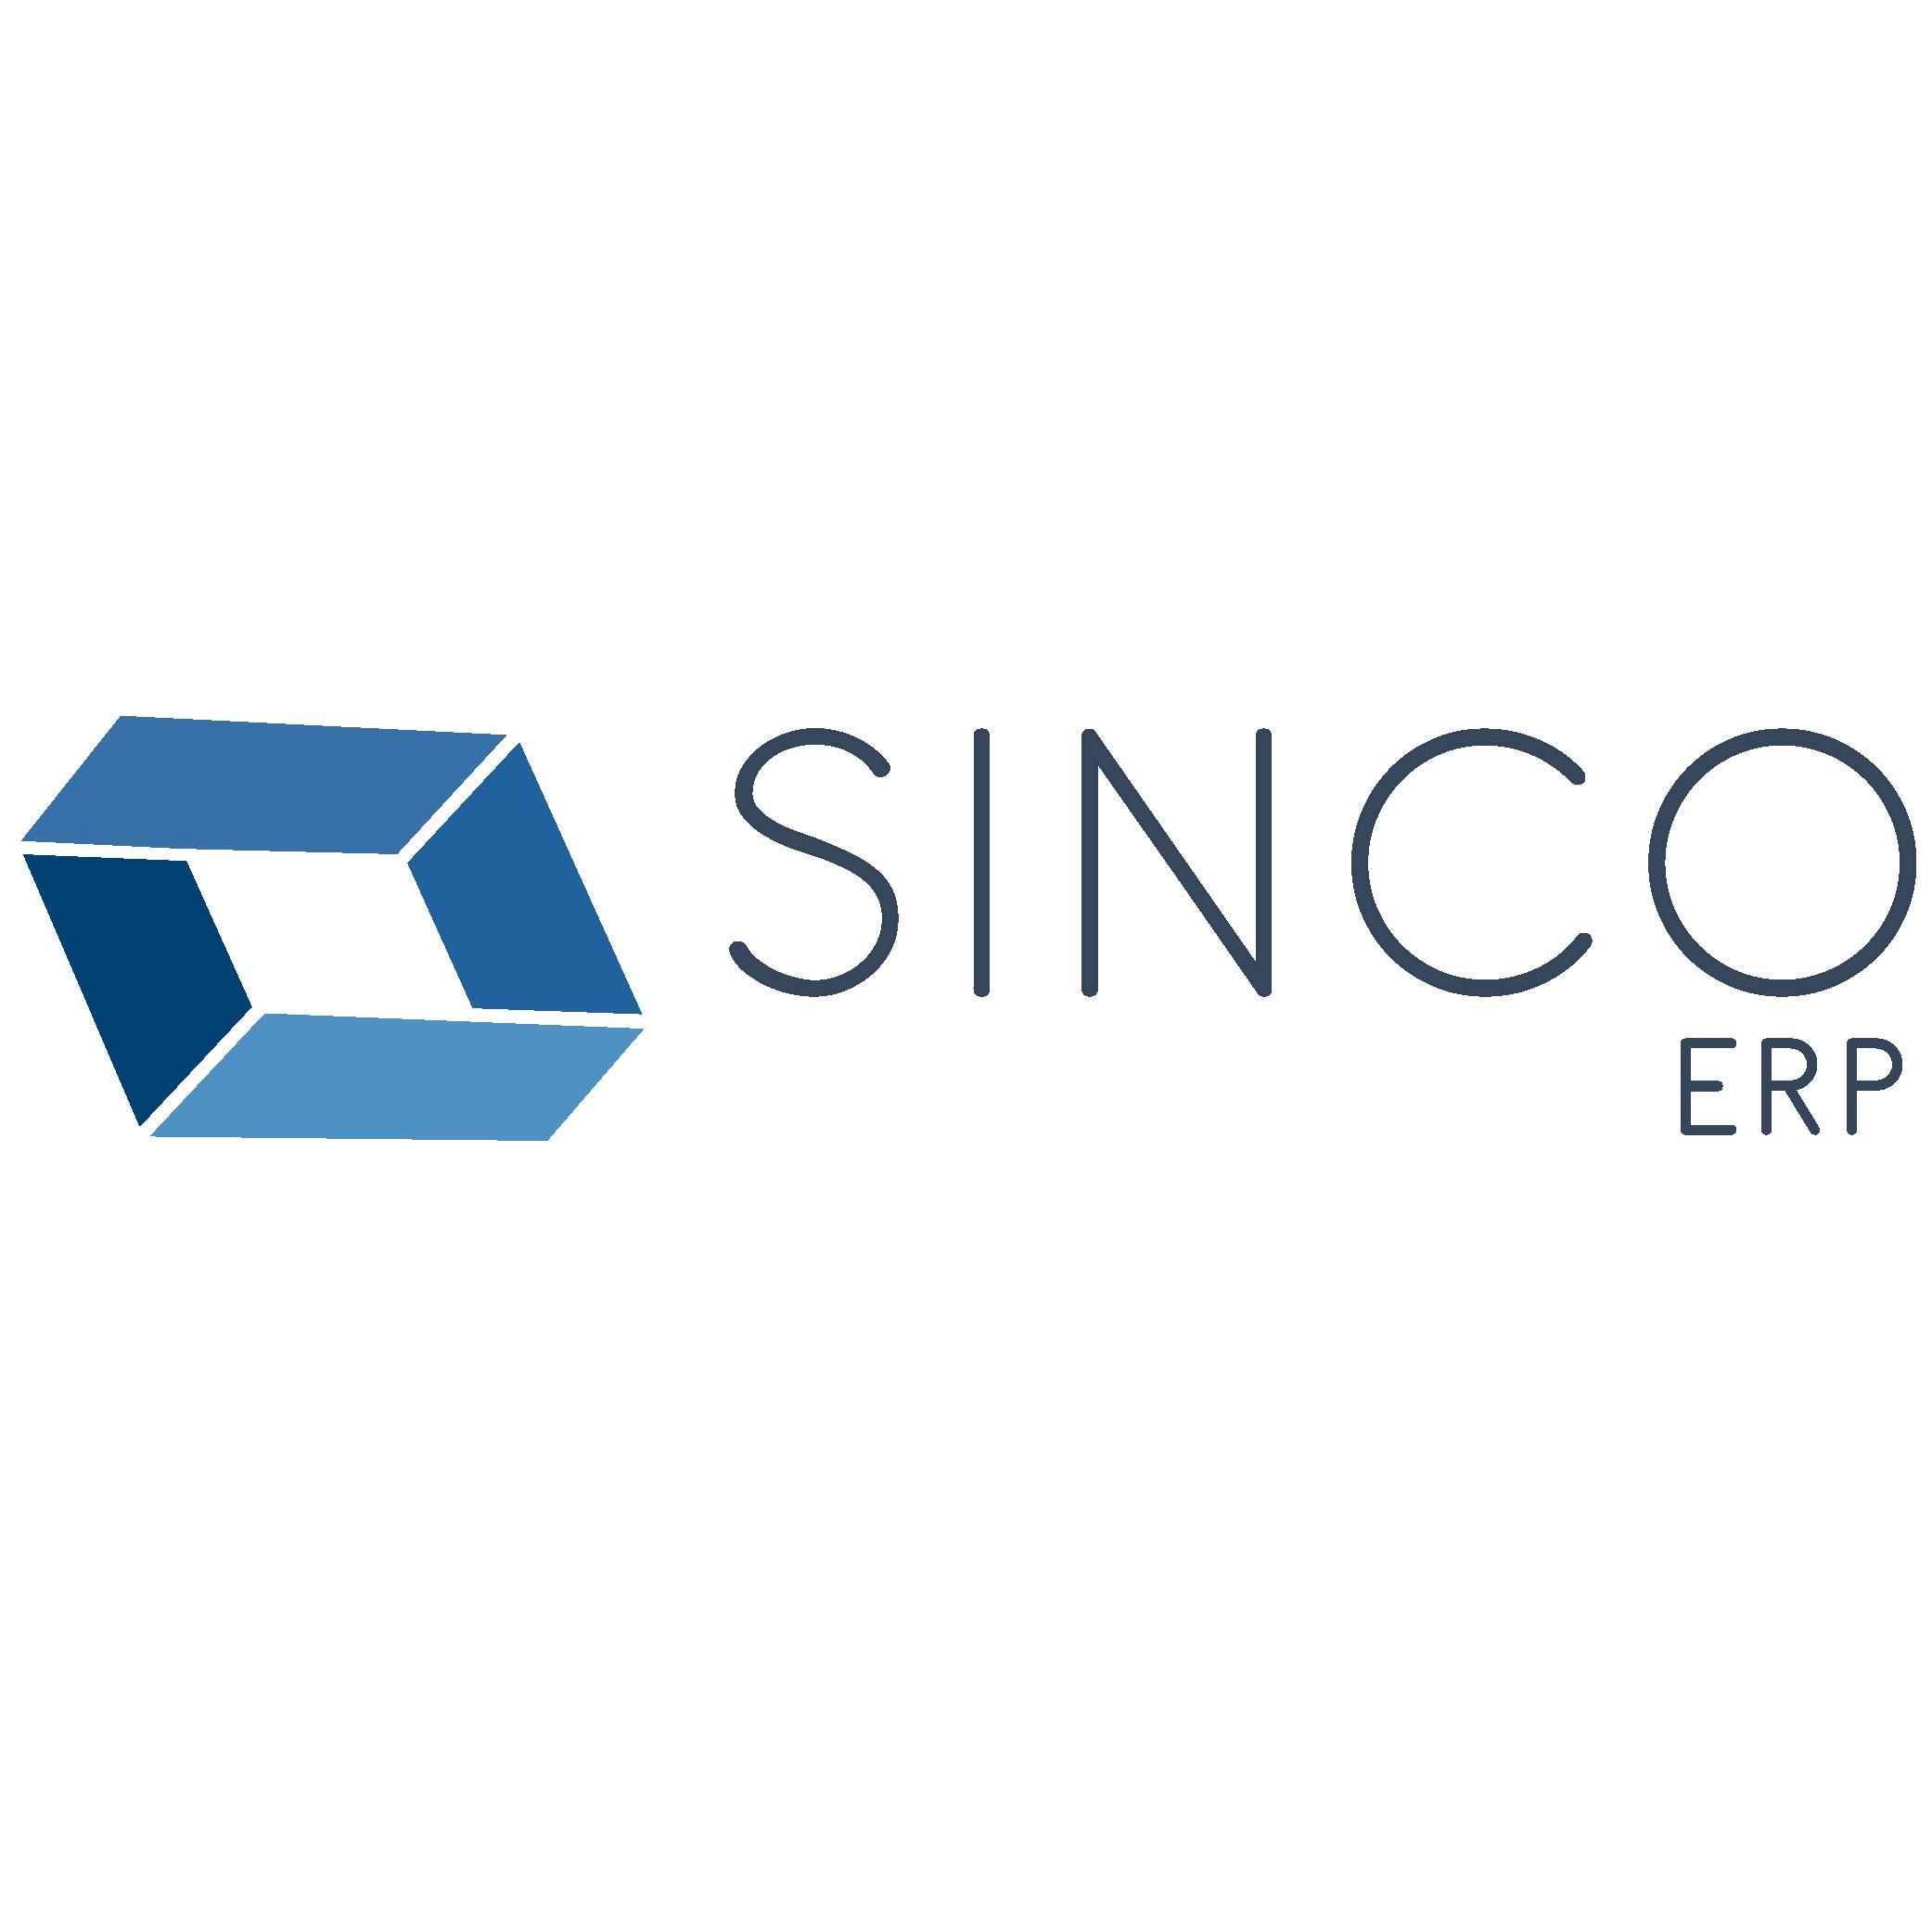 SINCO ERP - Software de gestión especializado para empresas constructoras